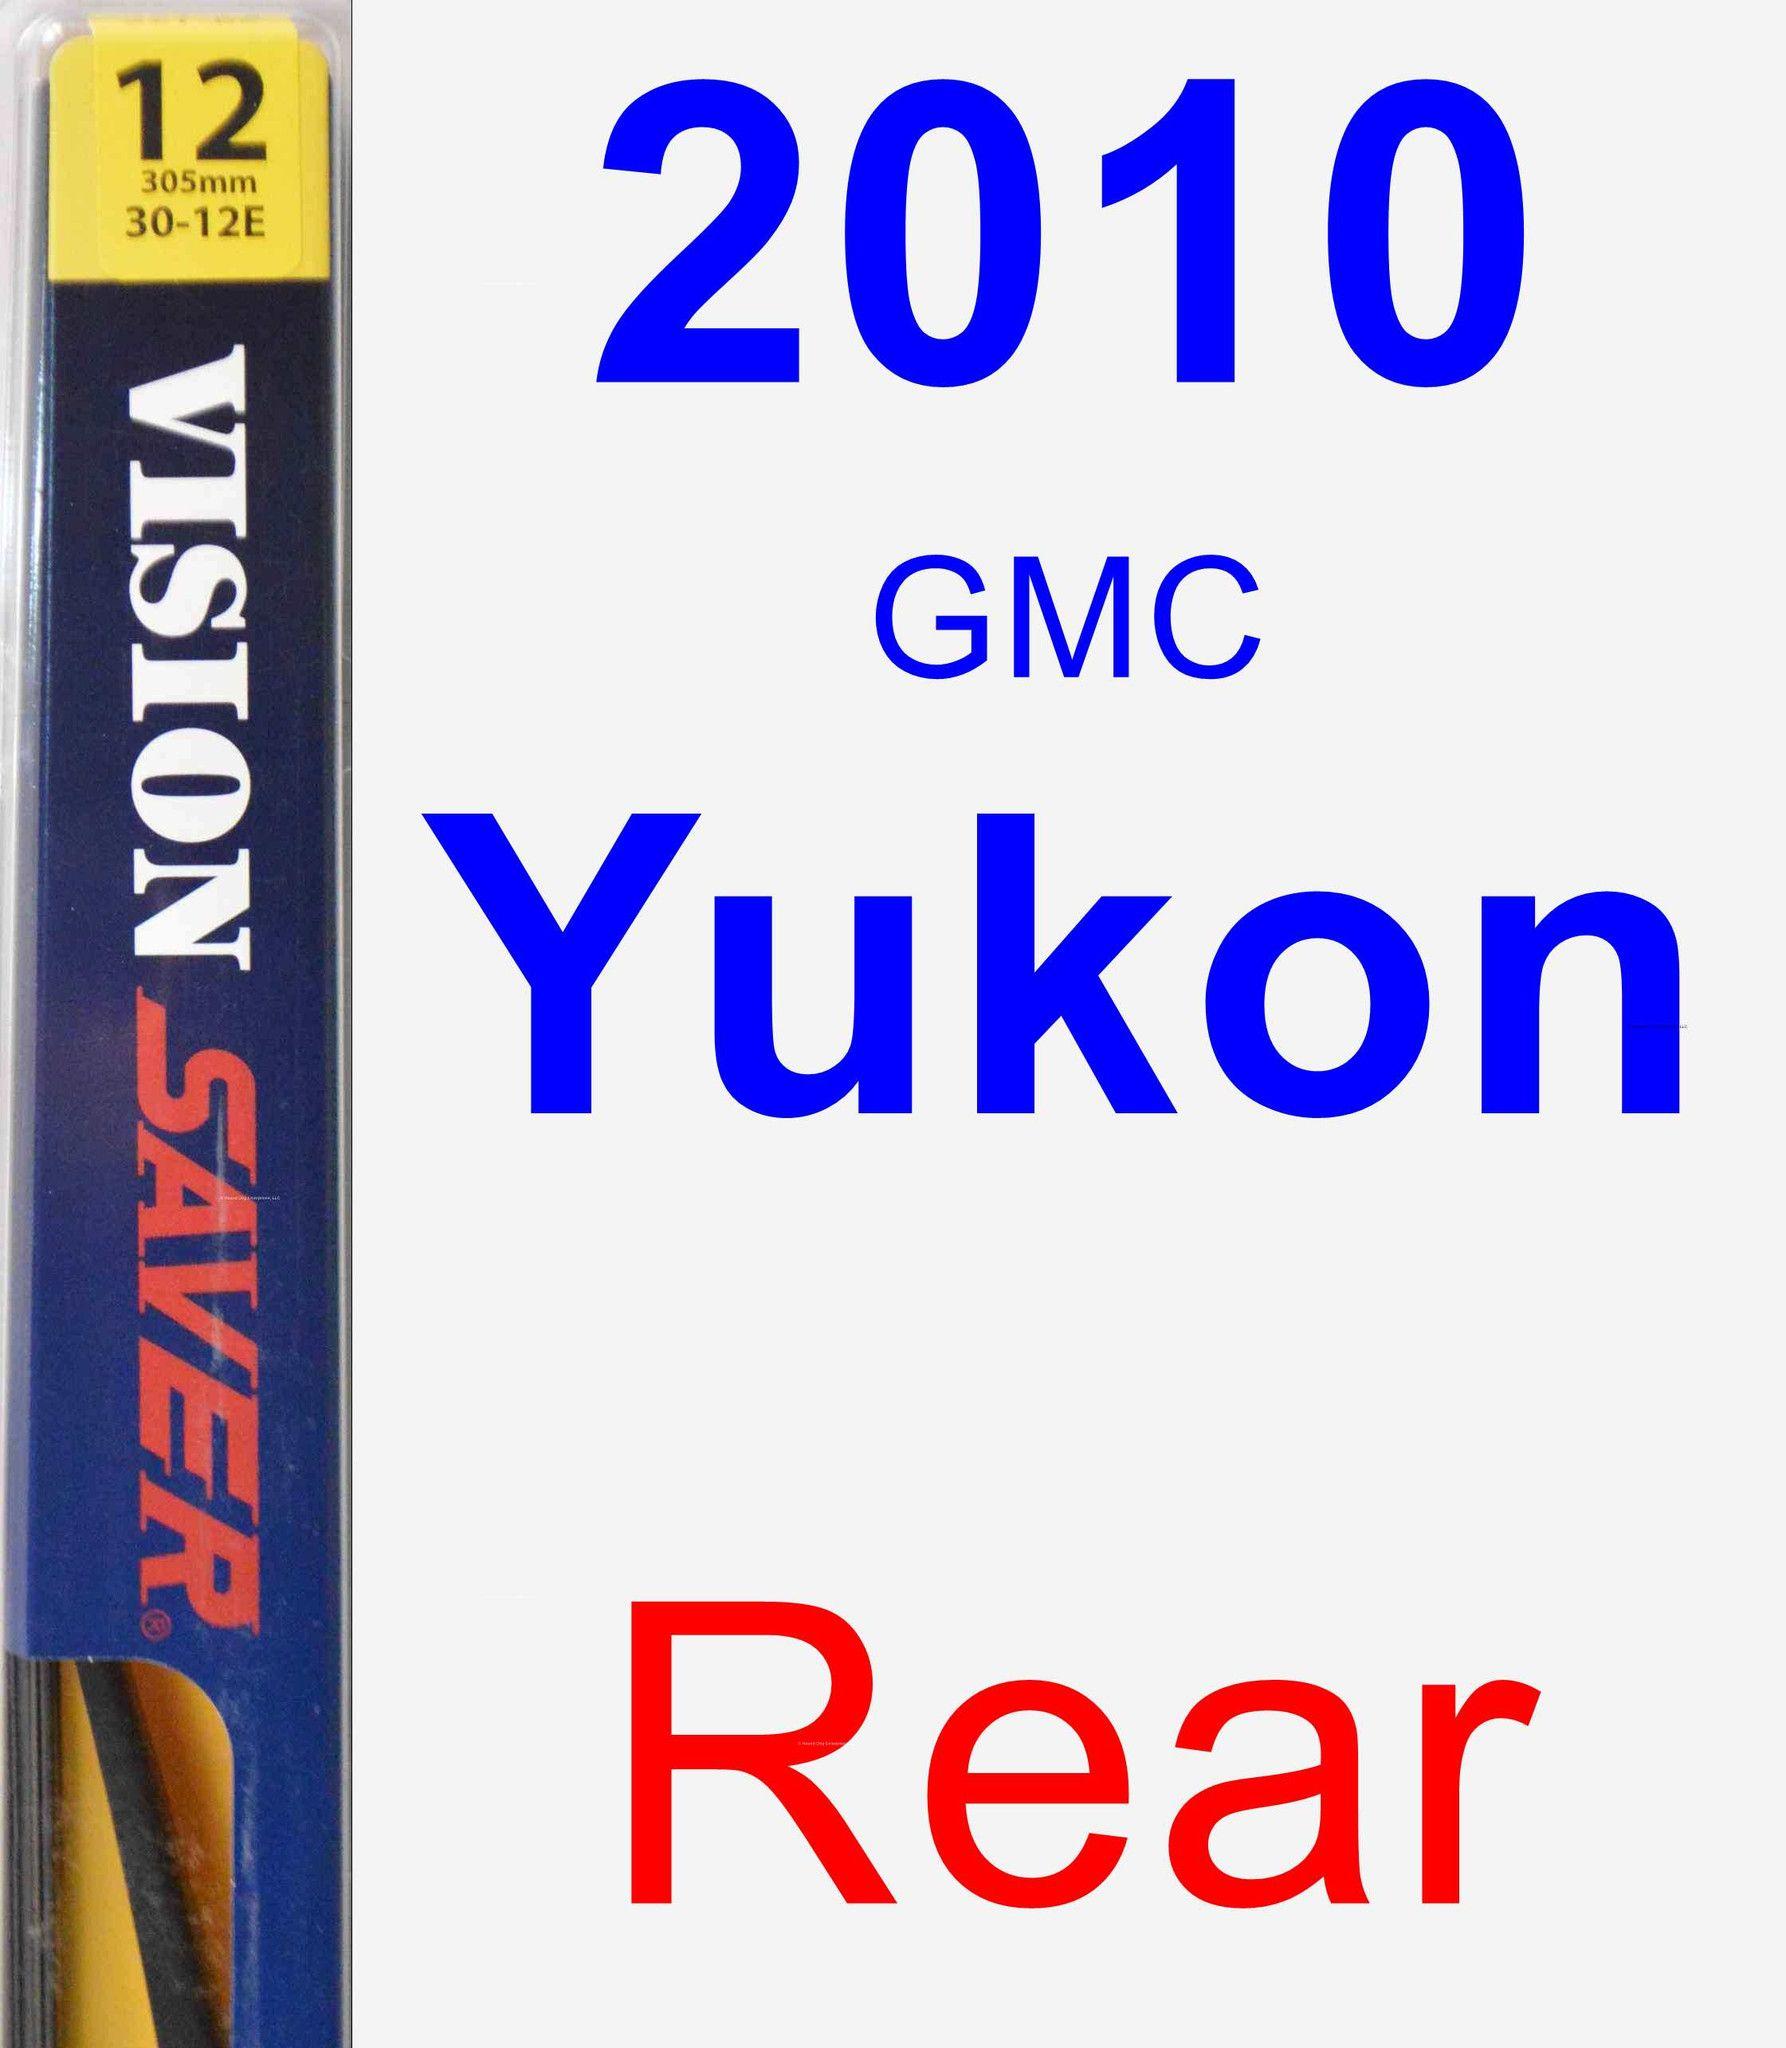 Rear Wiper Blade For 2010 GMC Yukon - Rear